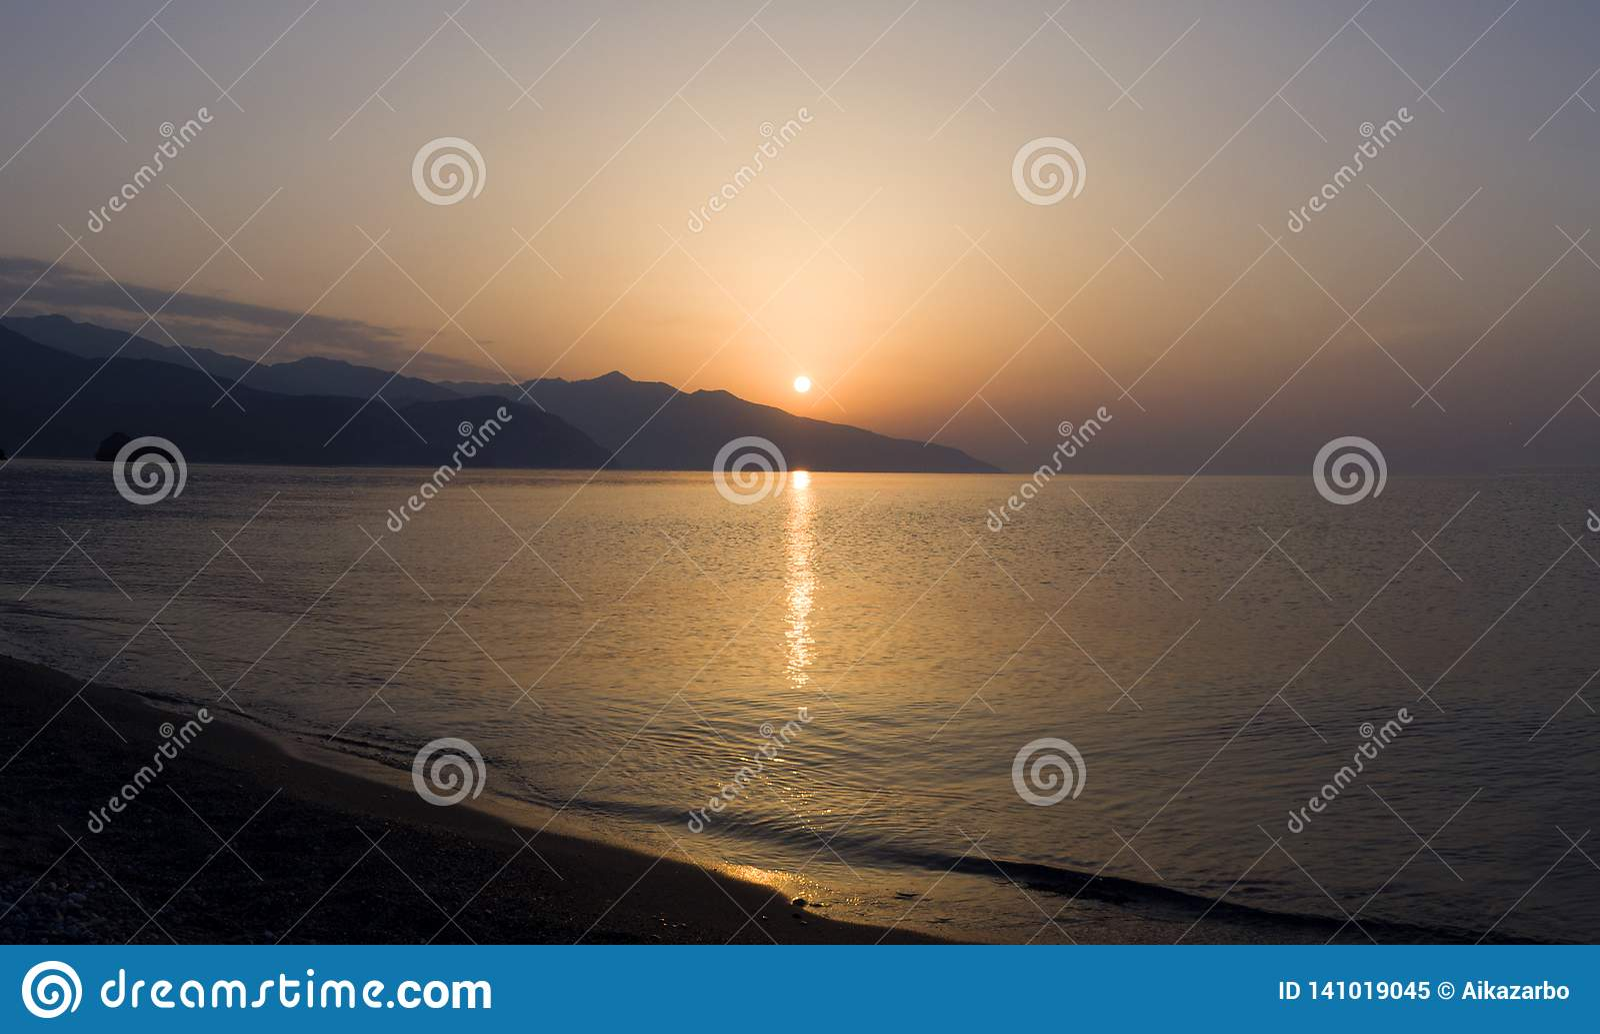 Panoramablick-Wellen und schöner Sonnenuntergang auf der griechischen Insel Evia Euboea im Ägäischen Meer